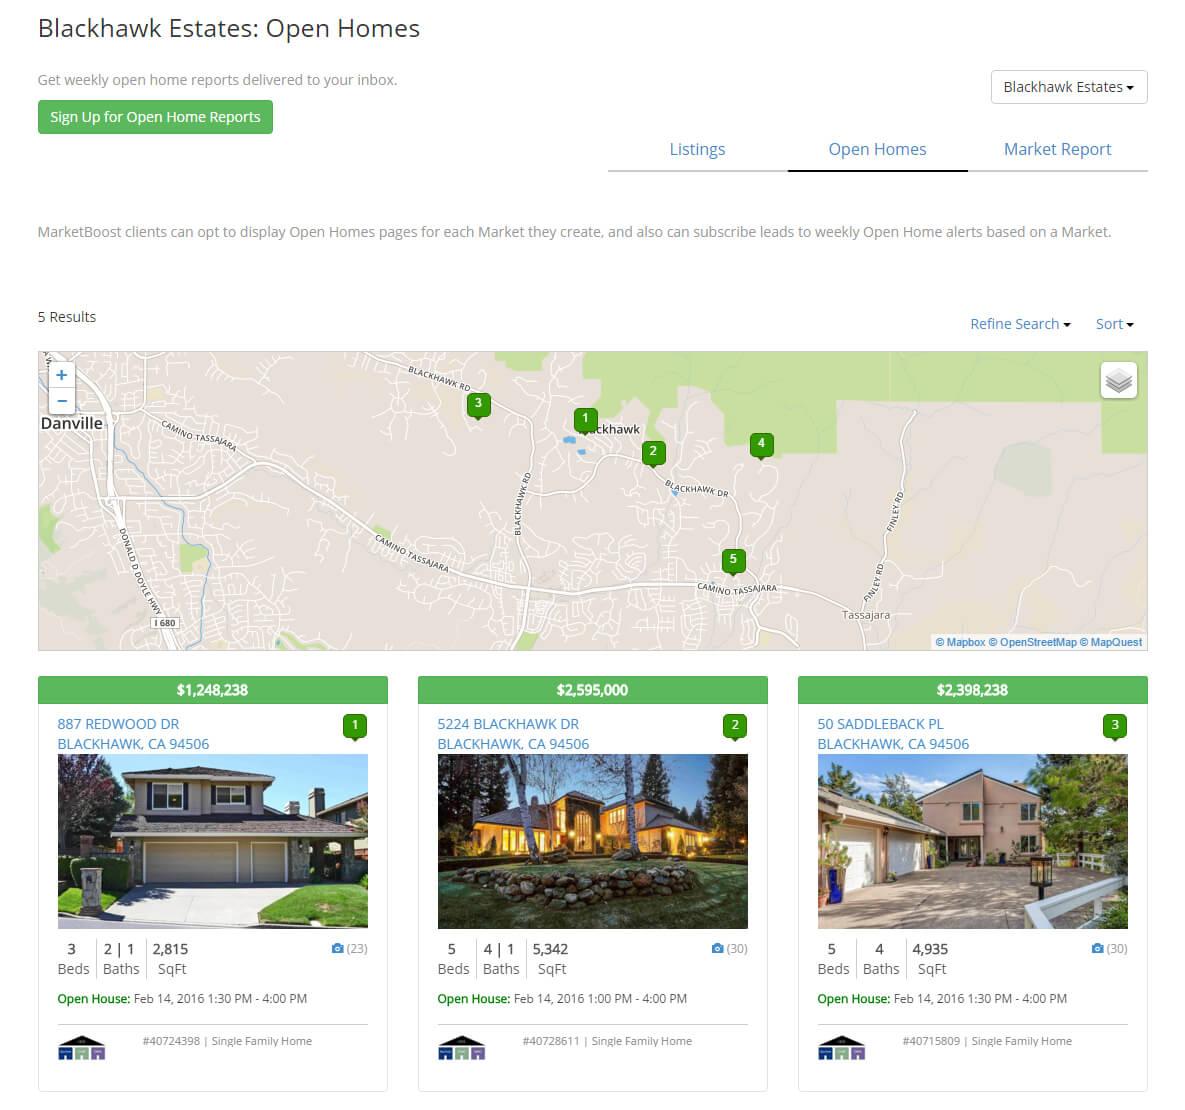 marketboost-ihomefinder-open-homes